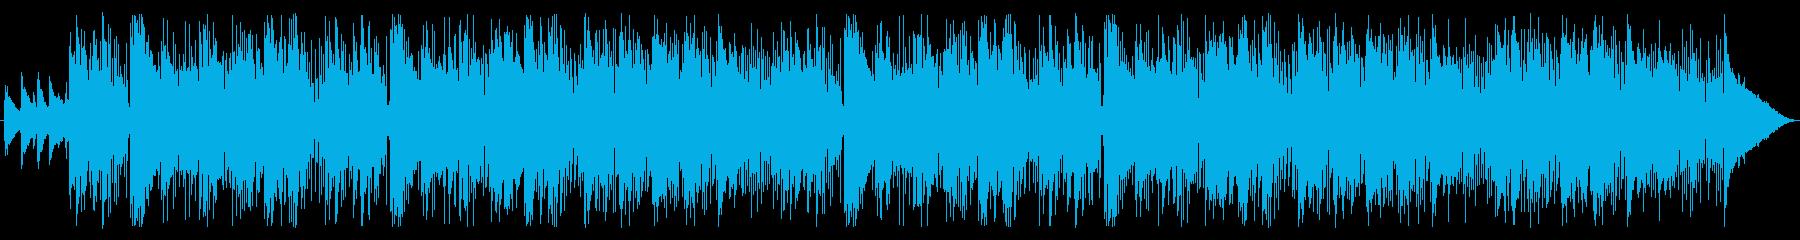 ナイロンギターが奏でるポップバラードの再生済みの波形